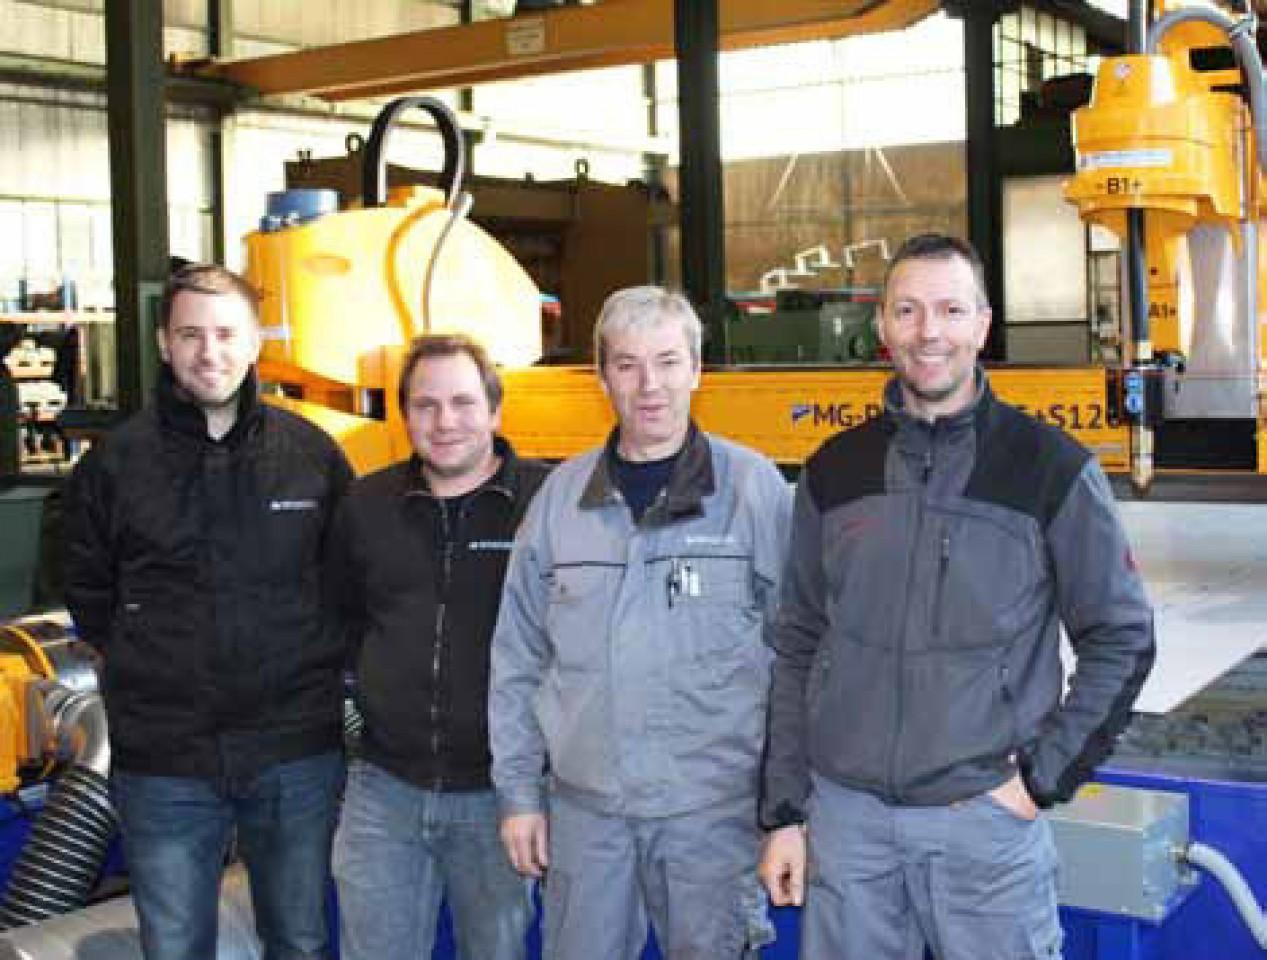 Das Team der Metallbau Steg AG mit dem neuen Schneidsystem.